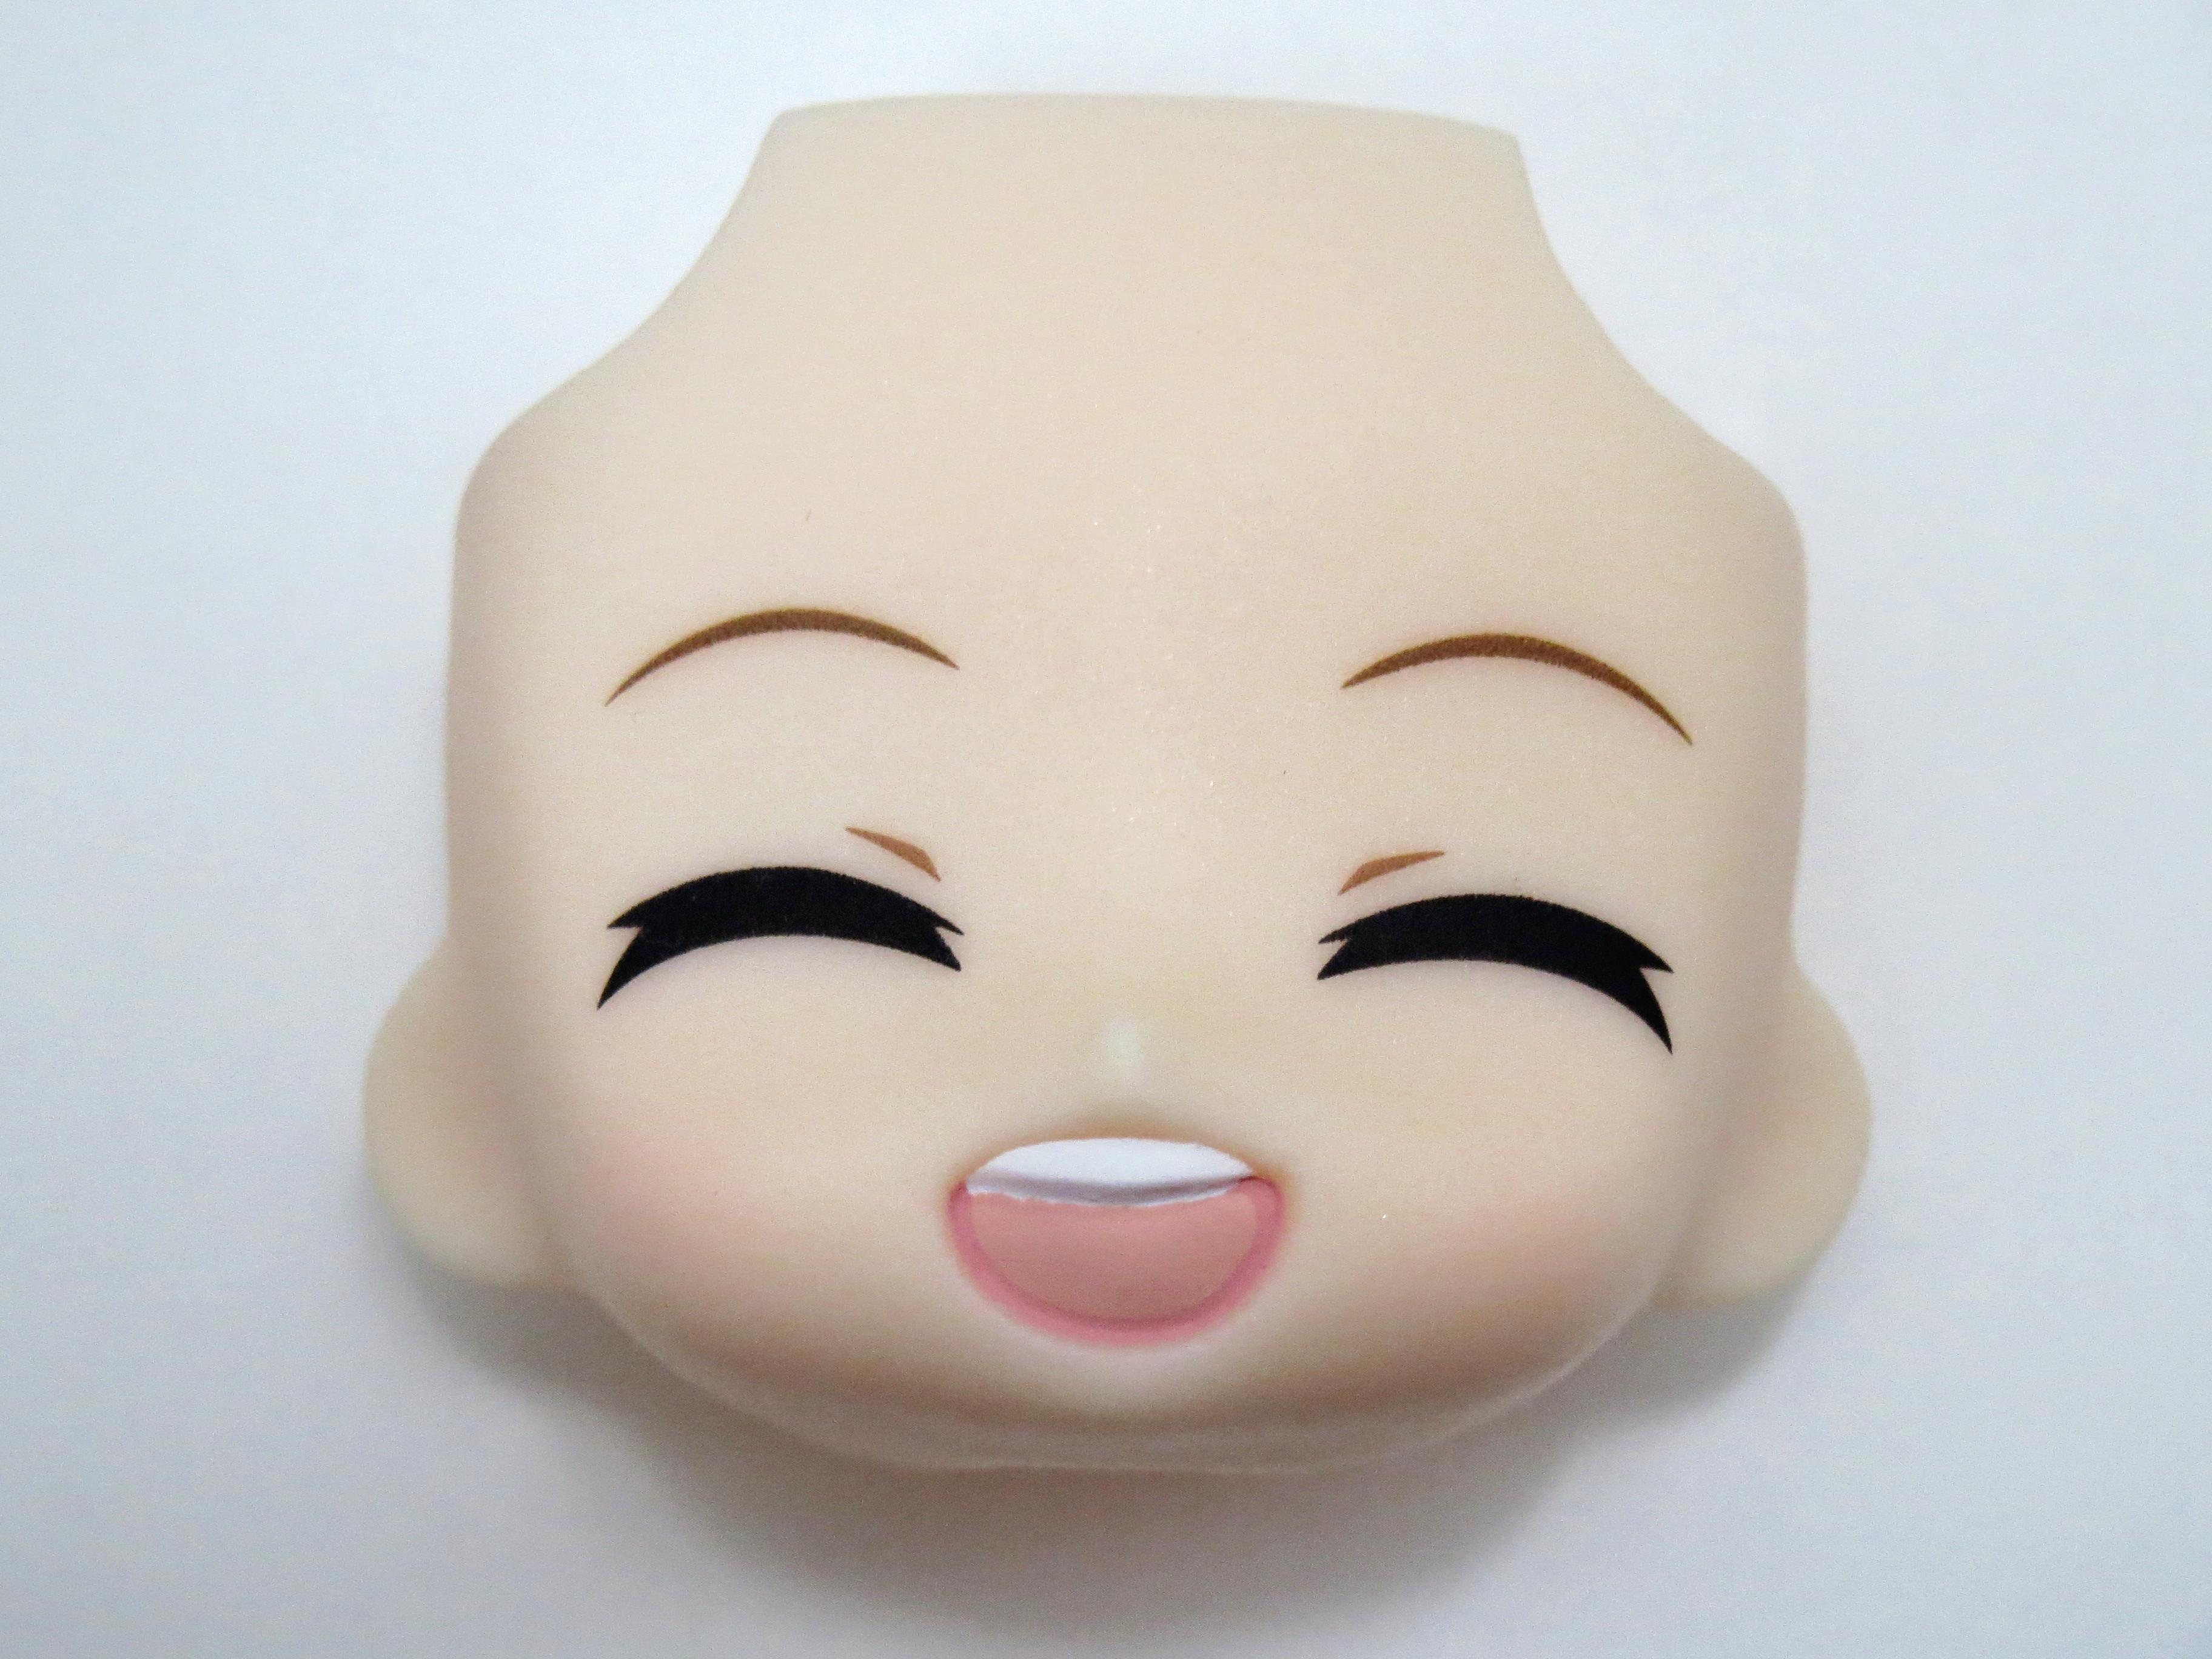 再入荷【340】 鏡音リン FamilyMart 2013Ver. 顔パーツ 笑顔 ねんどろいど